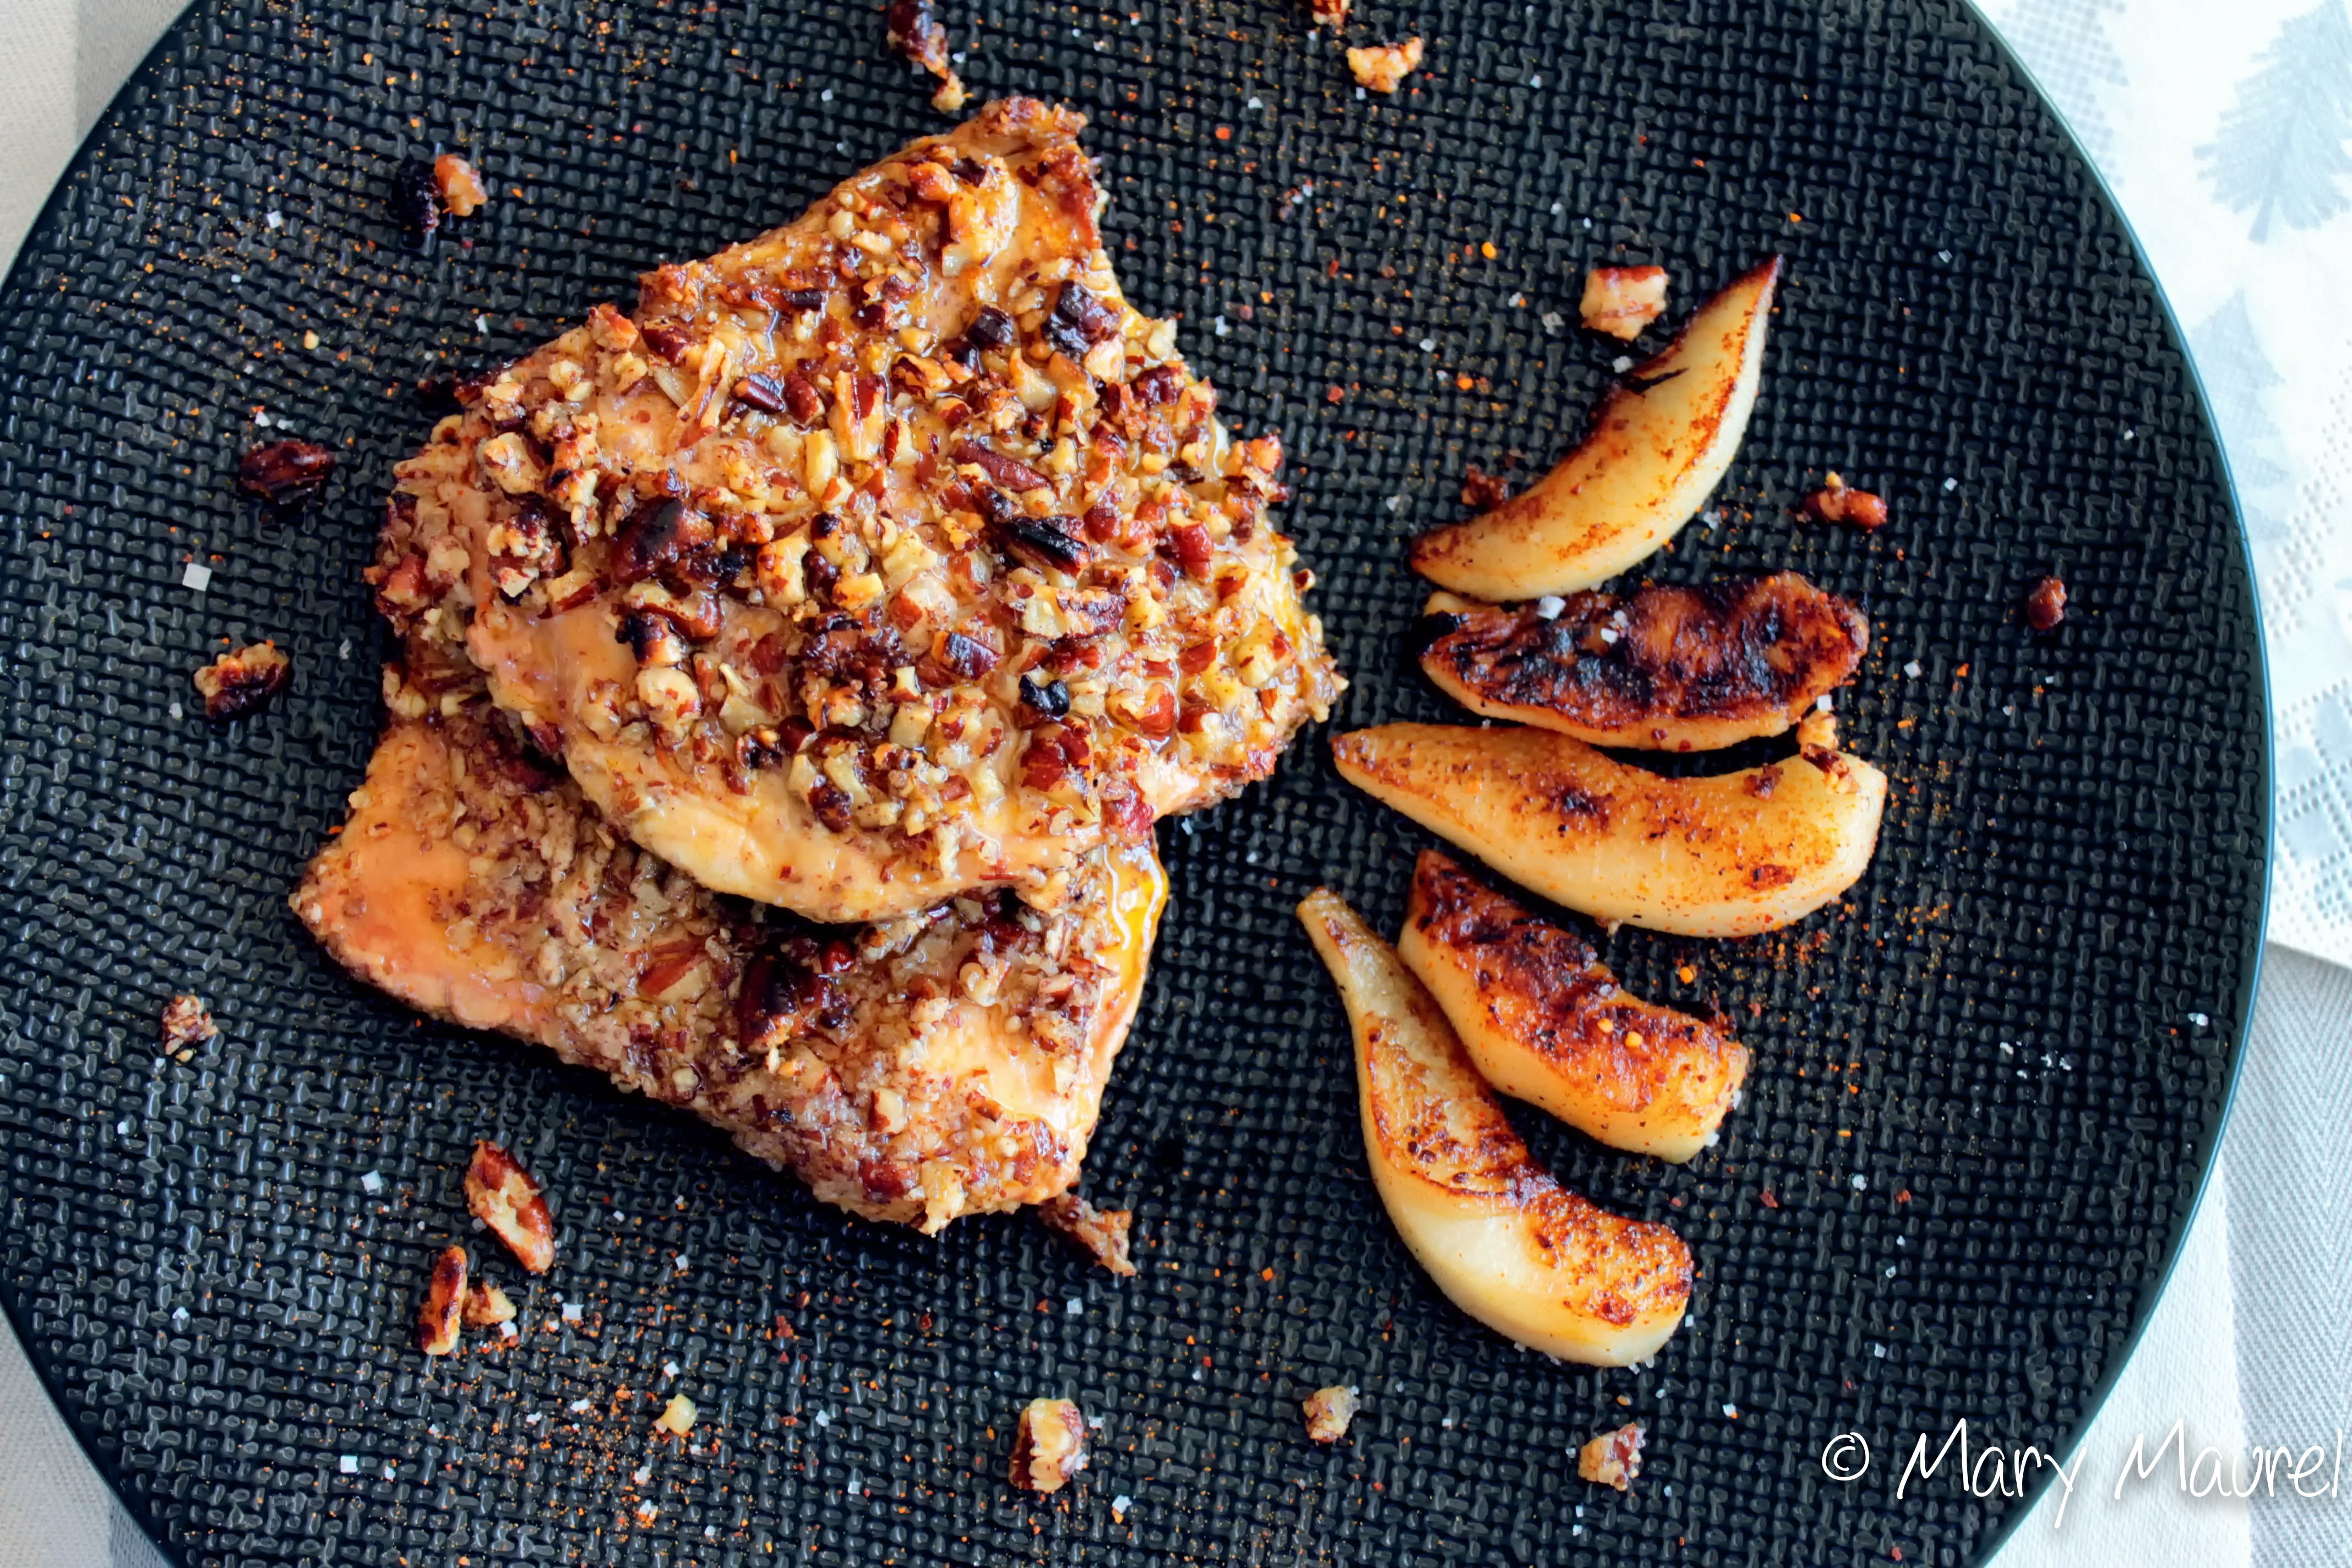 Escalopes de foie gras panées aux noix, poêlée de pommes et poires